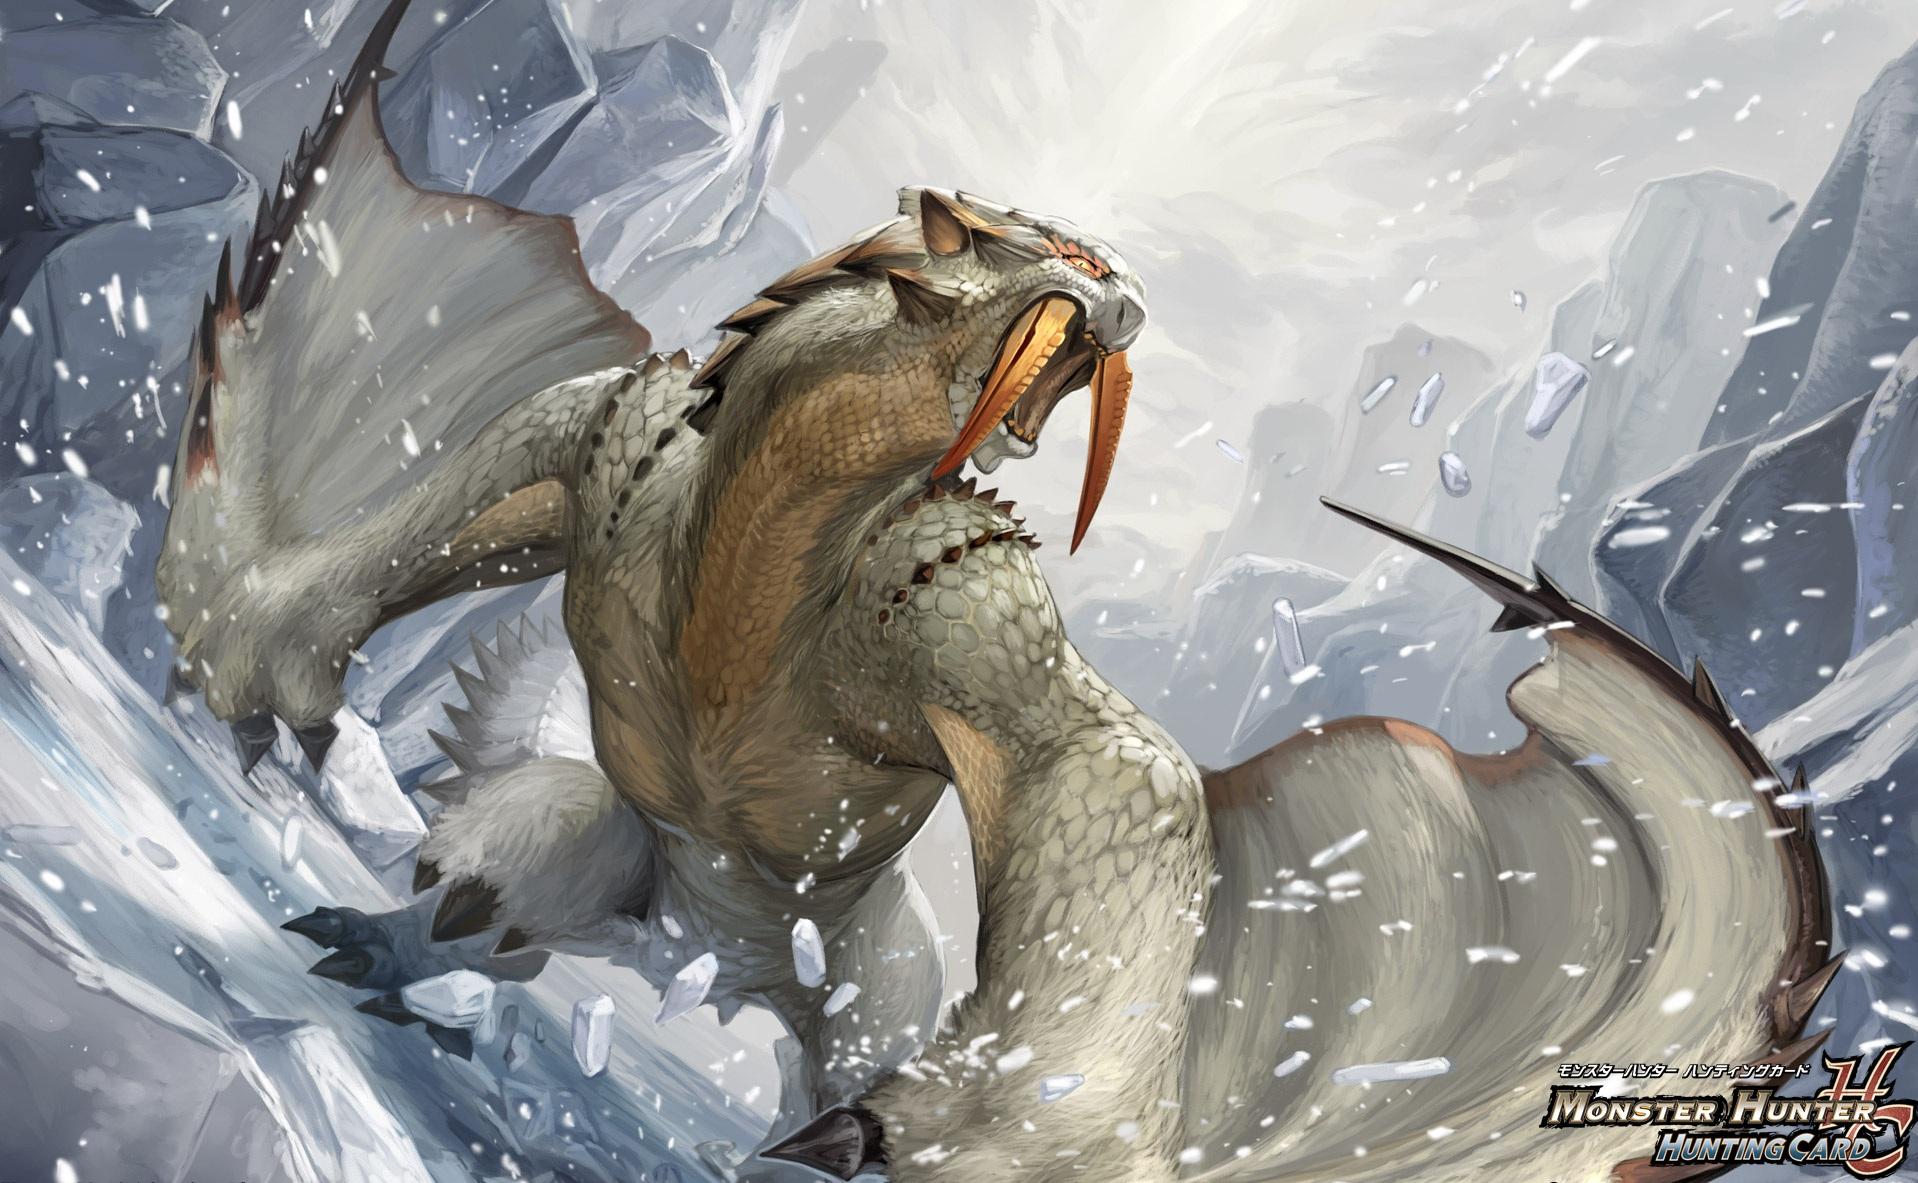 monster hunter anime wallpaper 1918x1183 34502